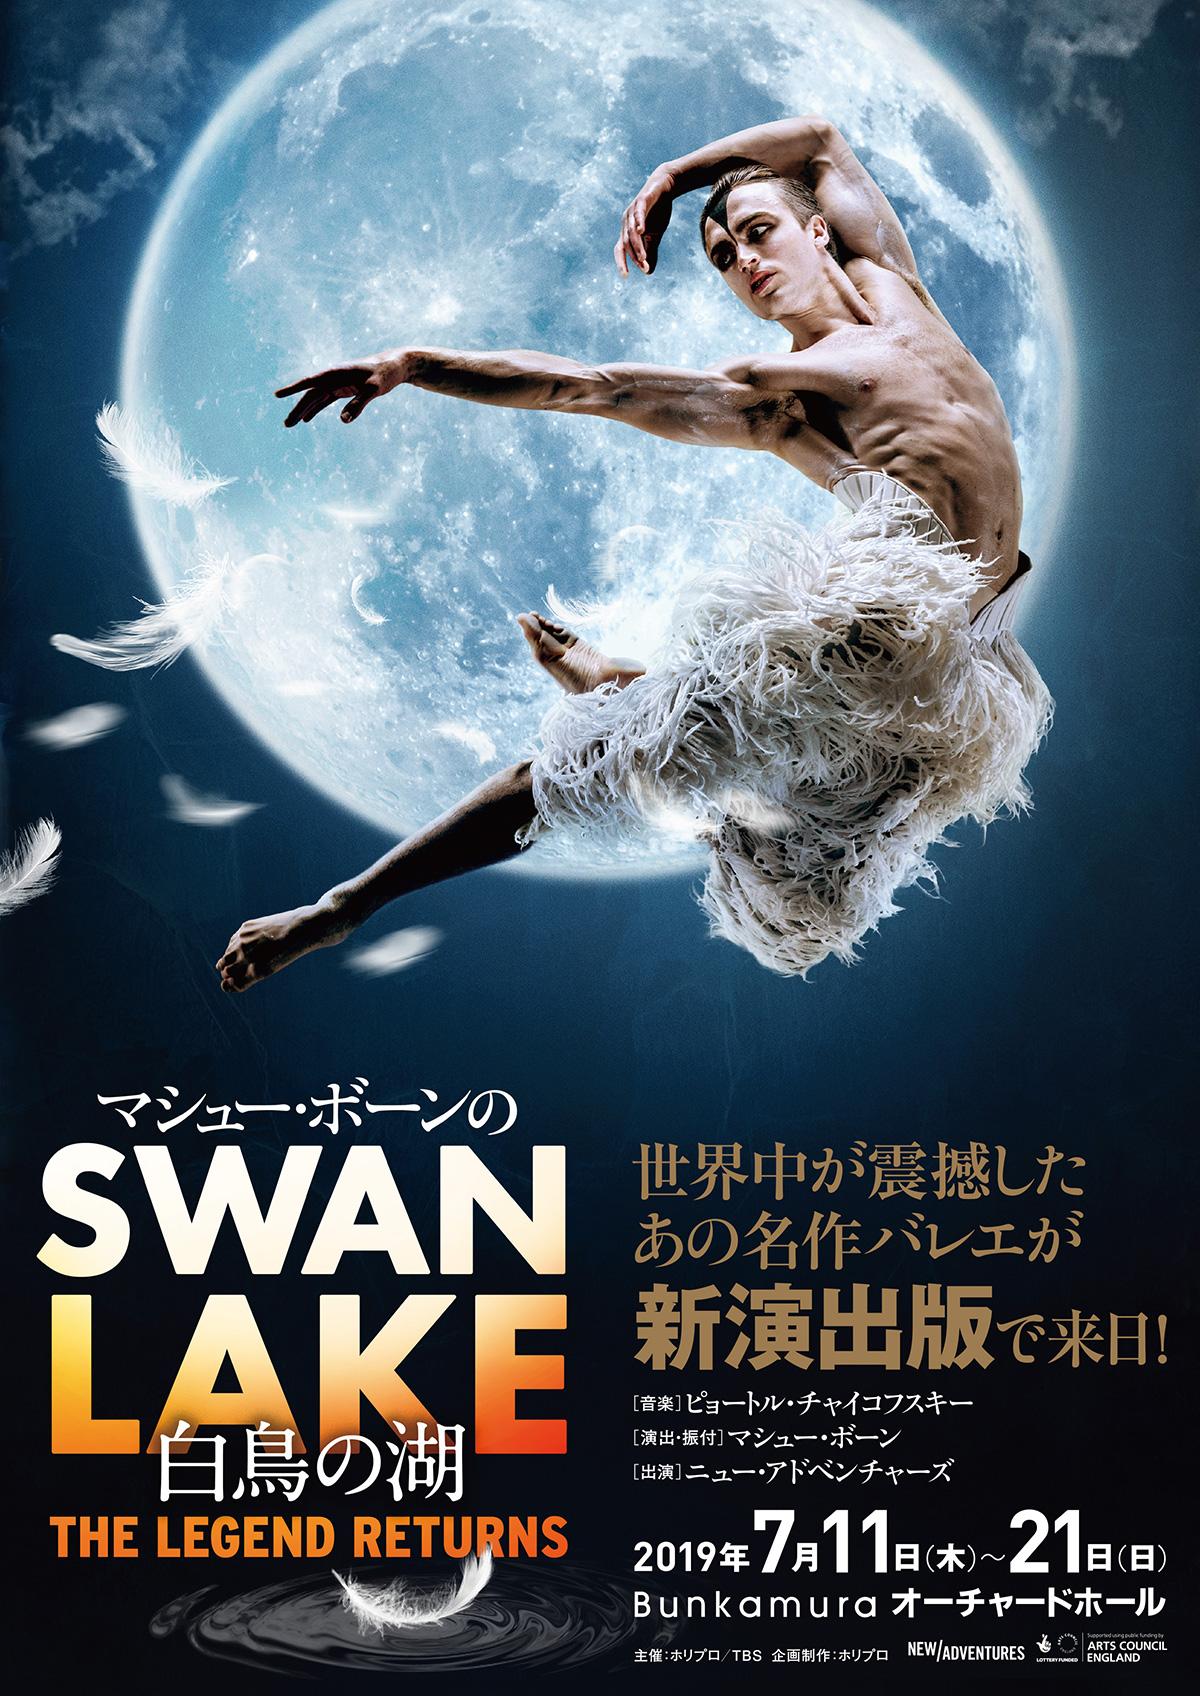 マシュー・ボーンの『白鳥の湖~スワン・レイク~』表